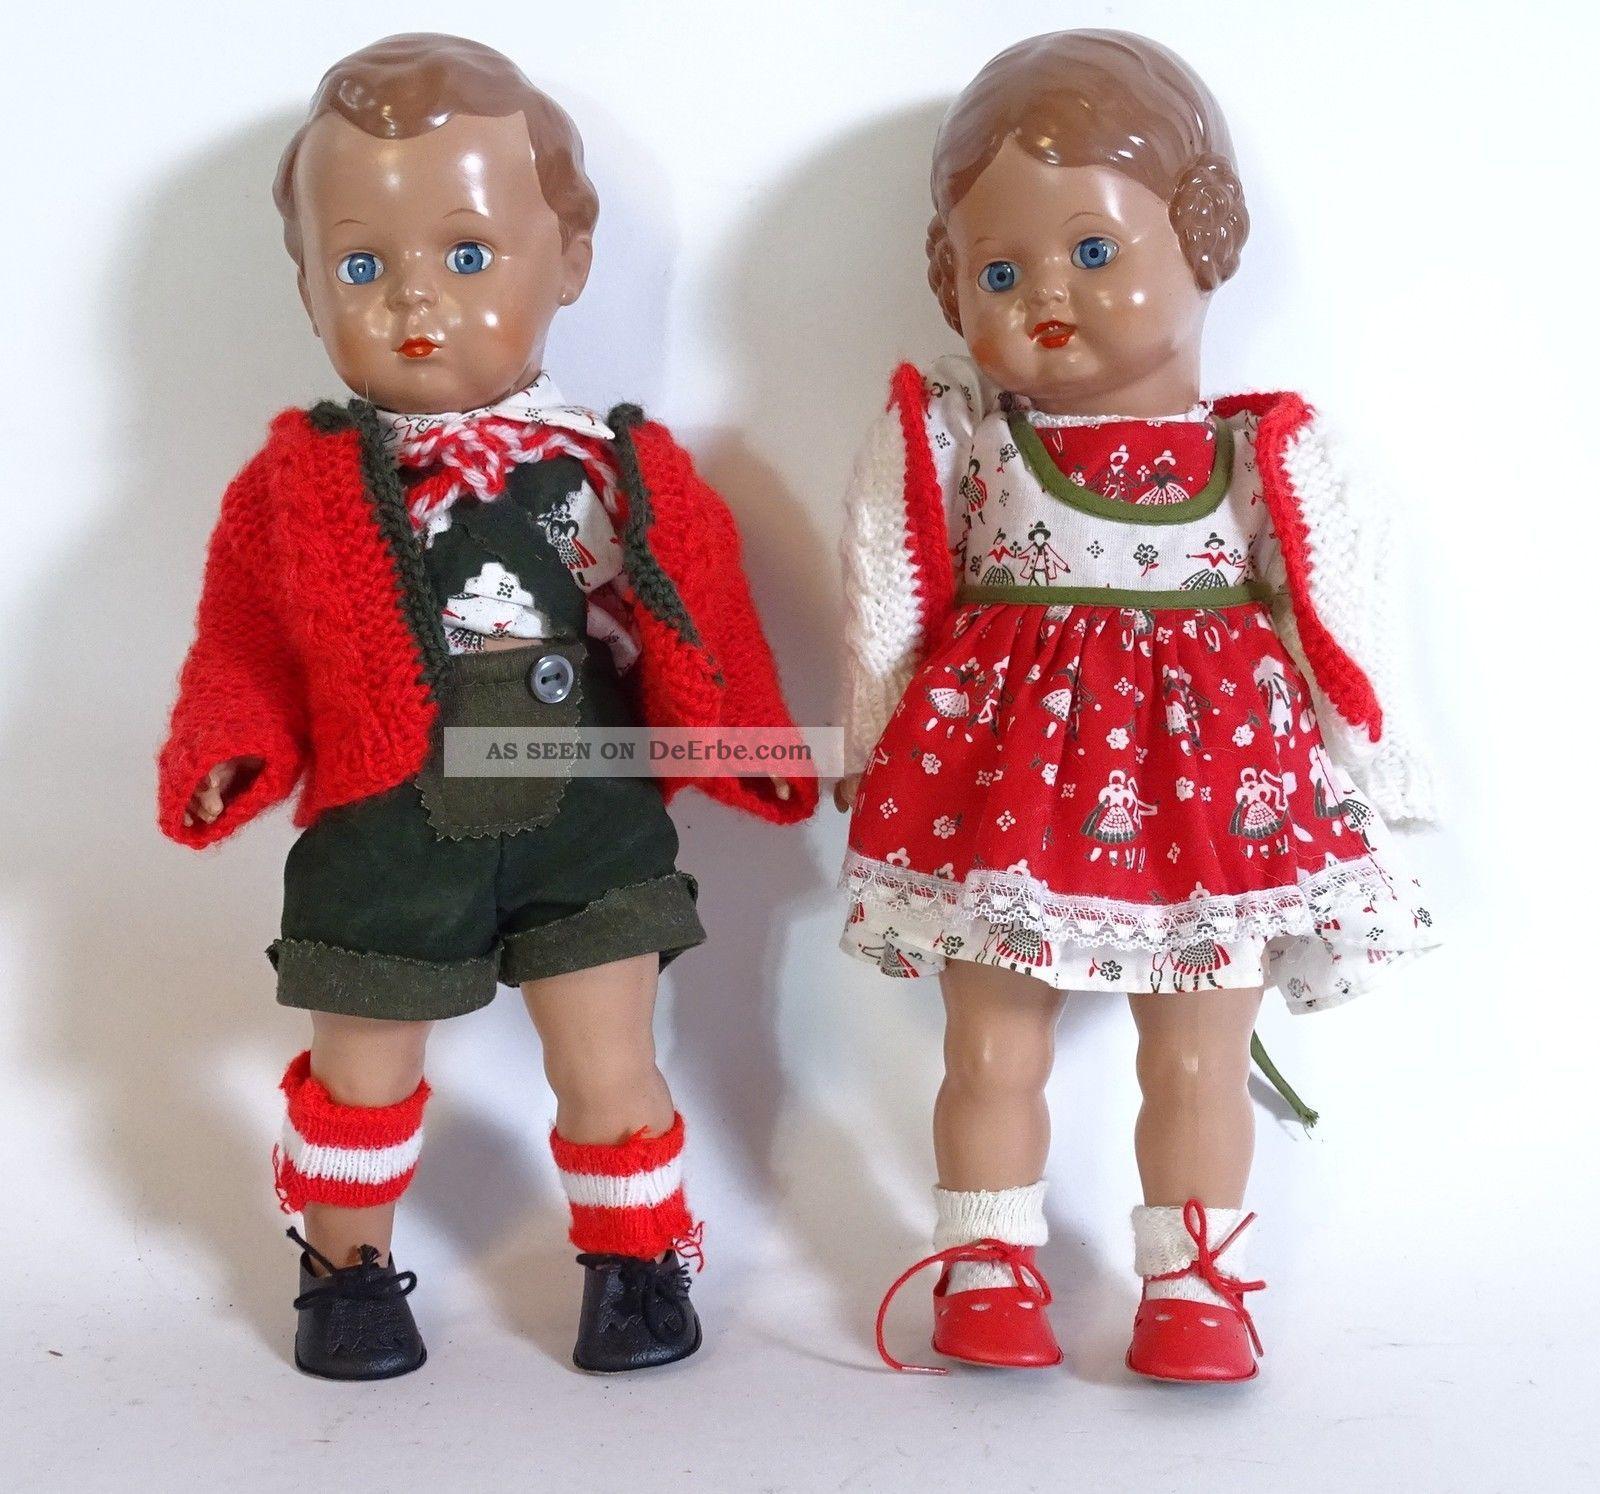 Paar Schildkröt Puppen Hans Und Bärbel Inkl.  Kleidung Celluloid Puppen Schildkröt Bild